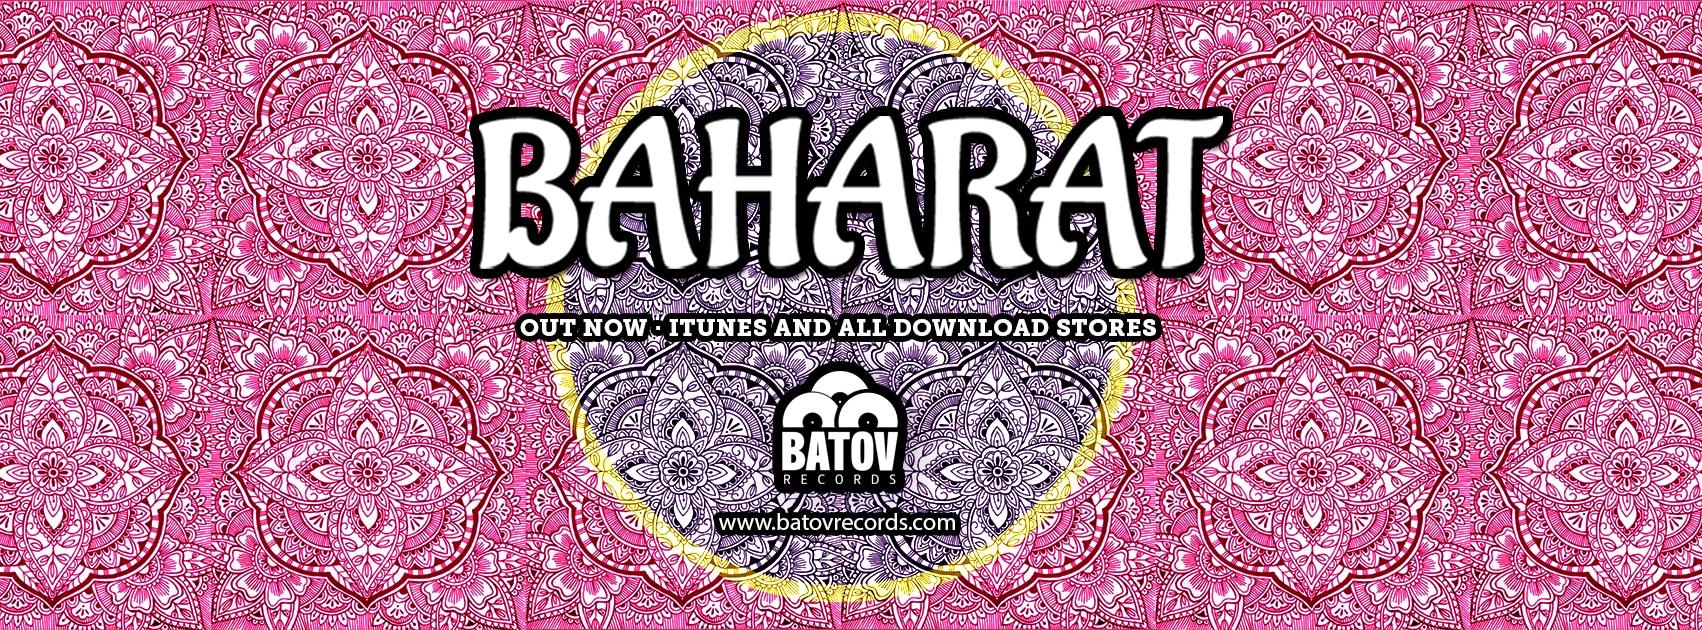 Baharat Band - Batov Records